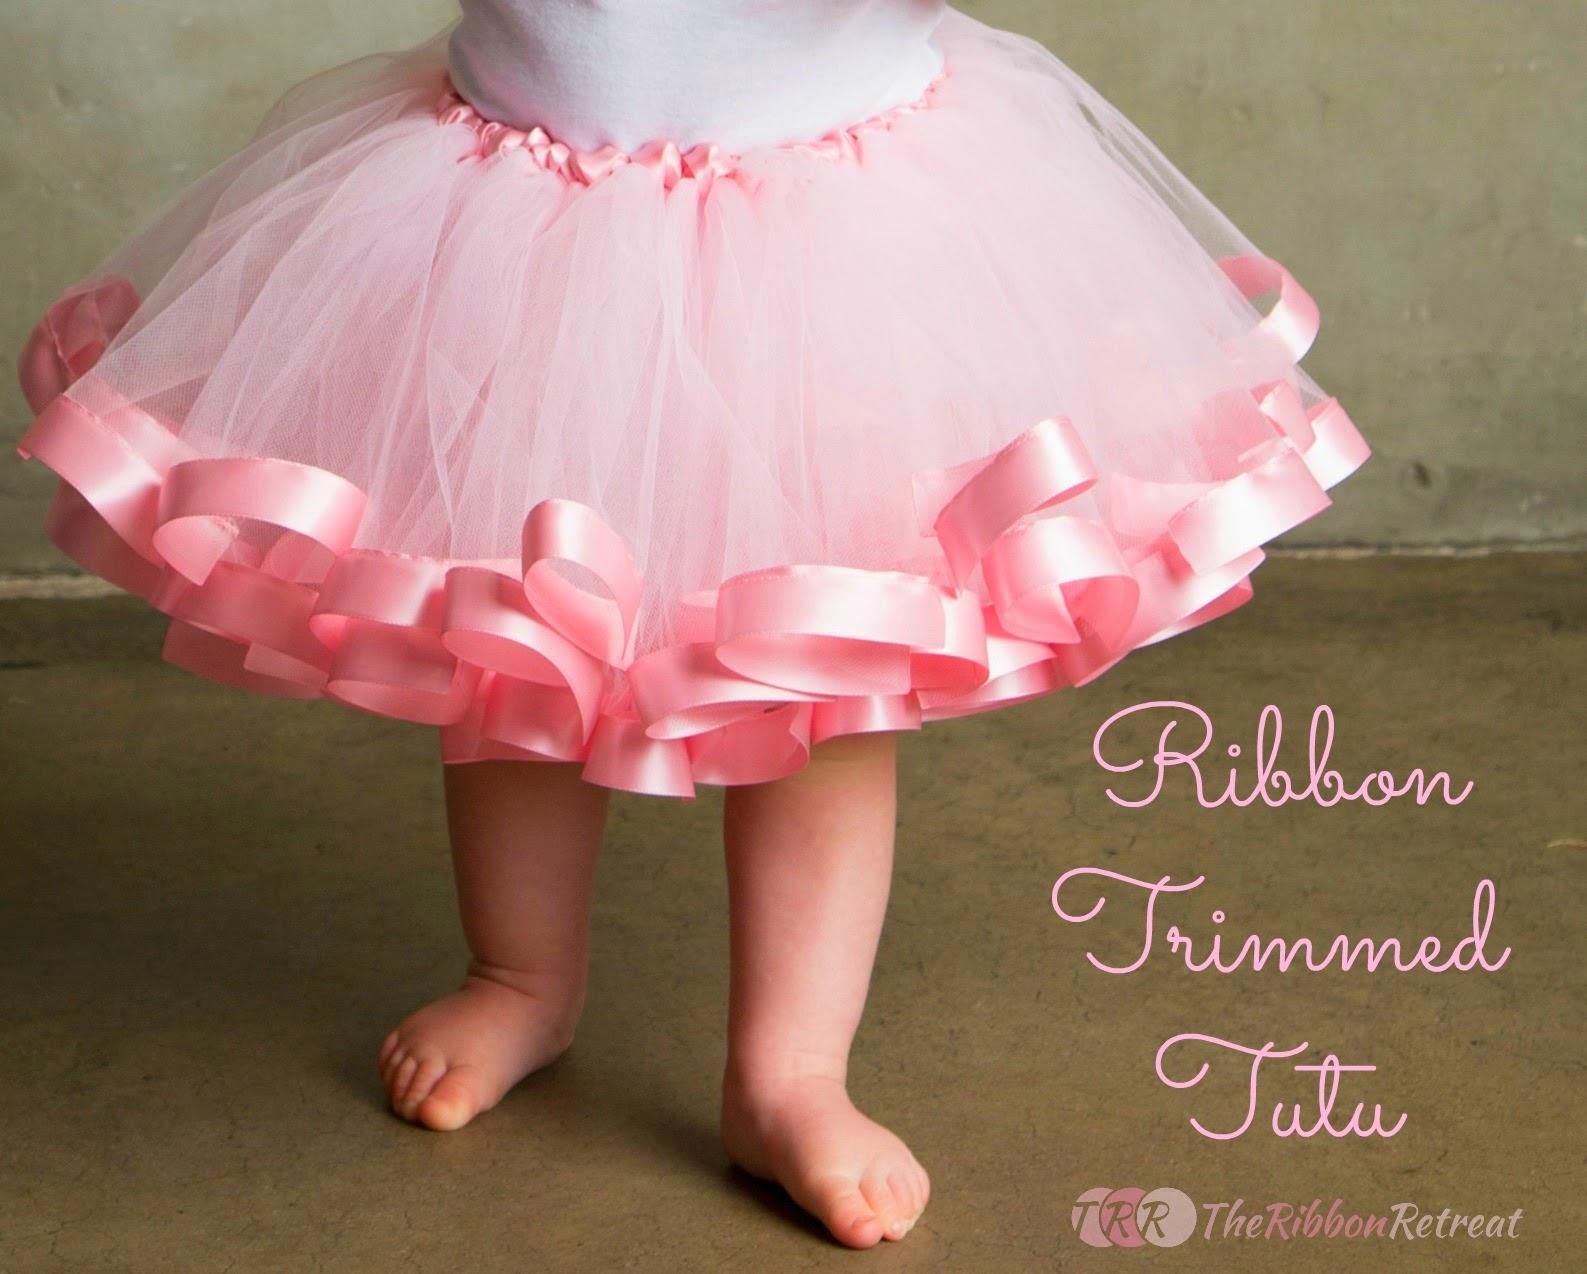 Free Tutorial on Tutu skirt